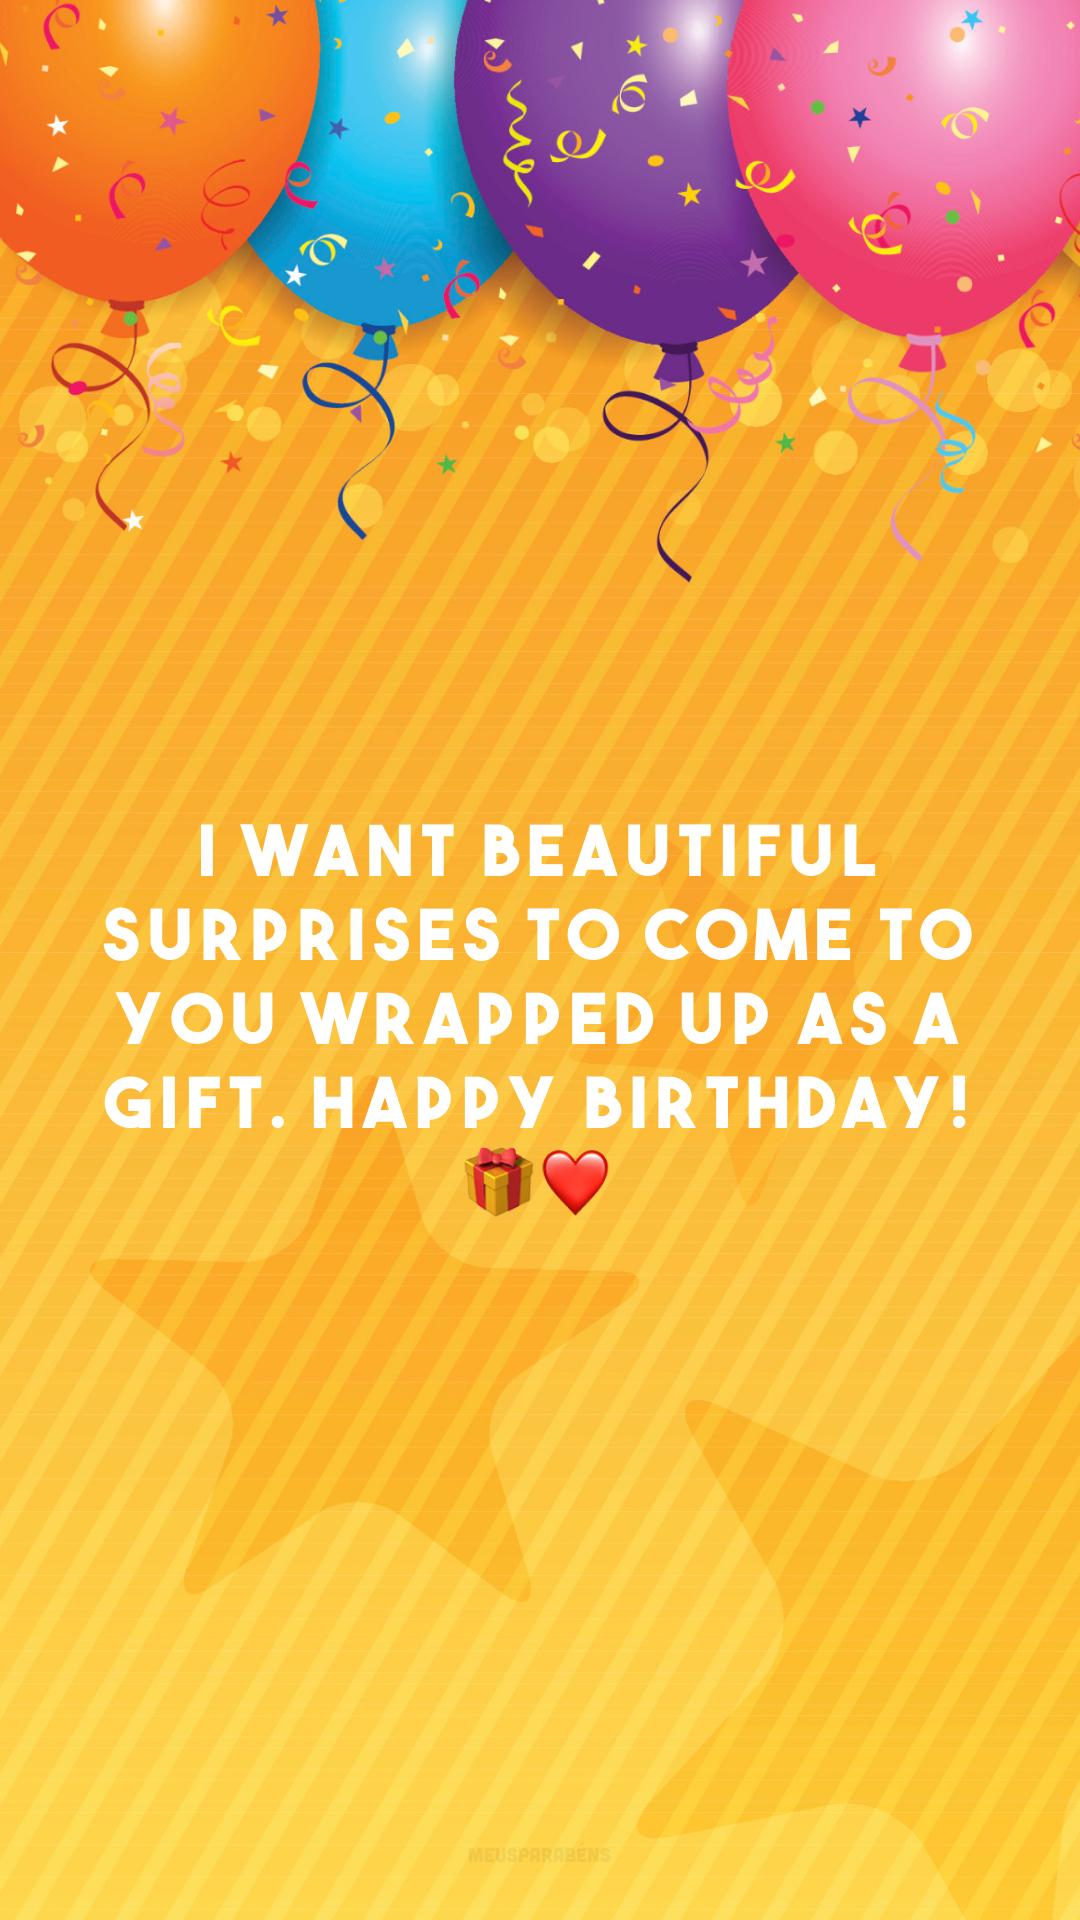 I want beautiful surprises to come to you wrapped up as a gift. Happy birthday! 🎁❤️ (Desejo que surpresas lindas cheguem até você embrulhadas para presente. Feliz aniversário!)